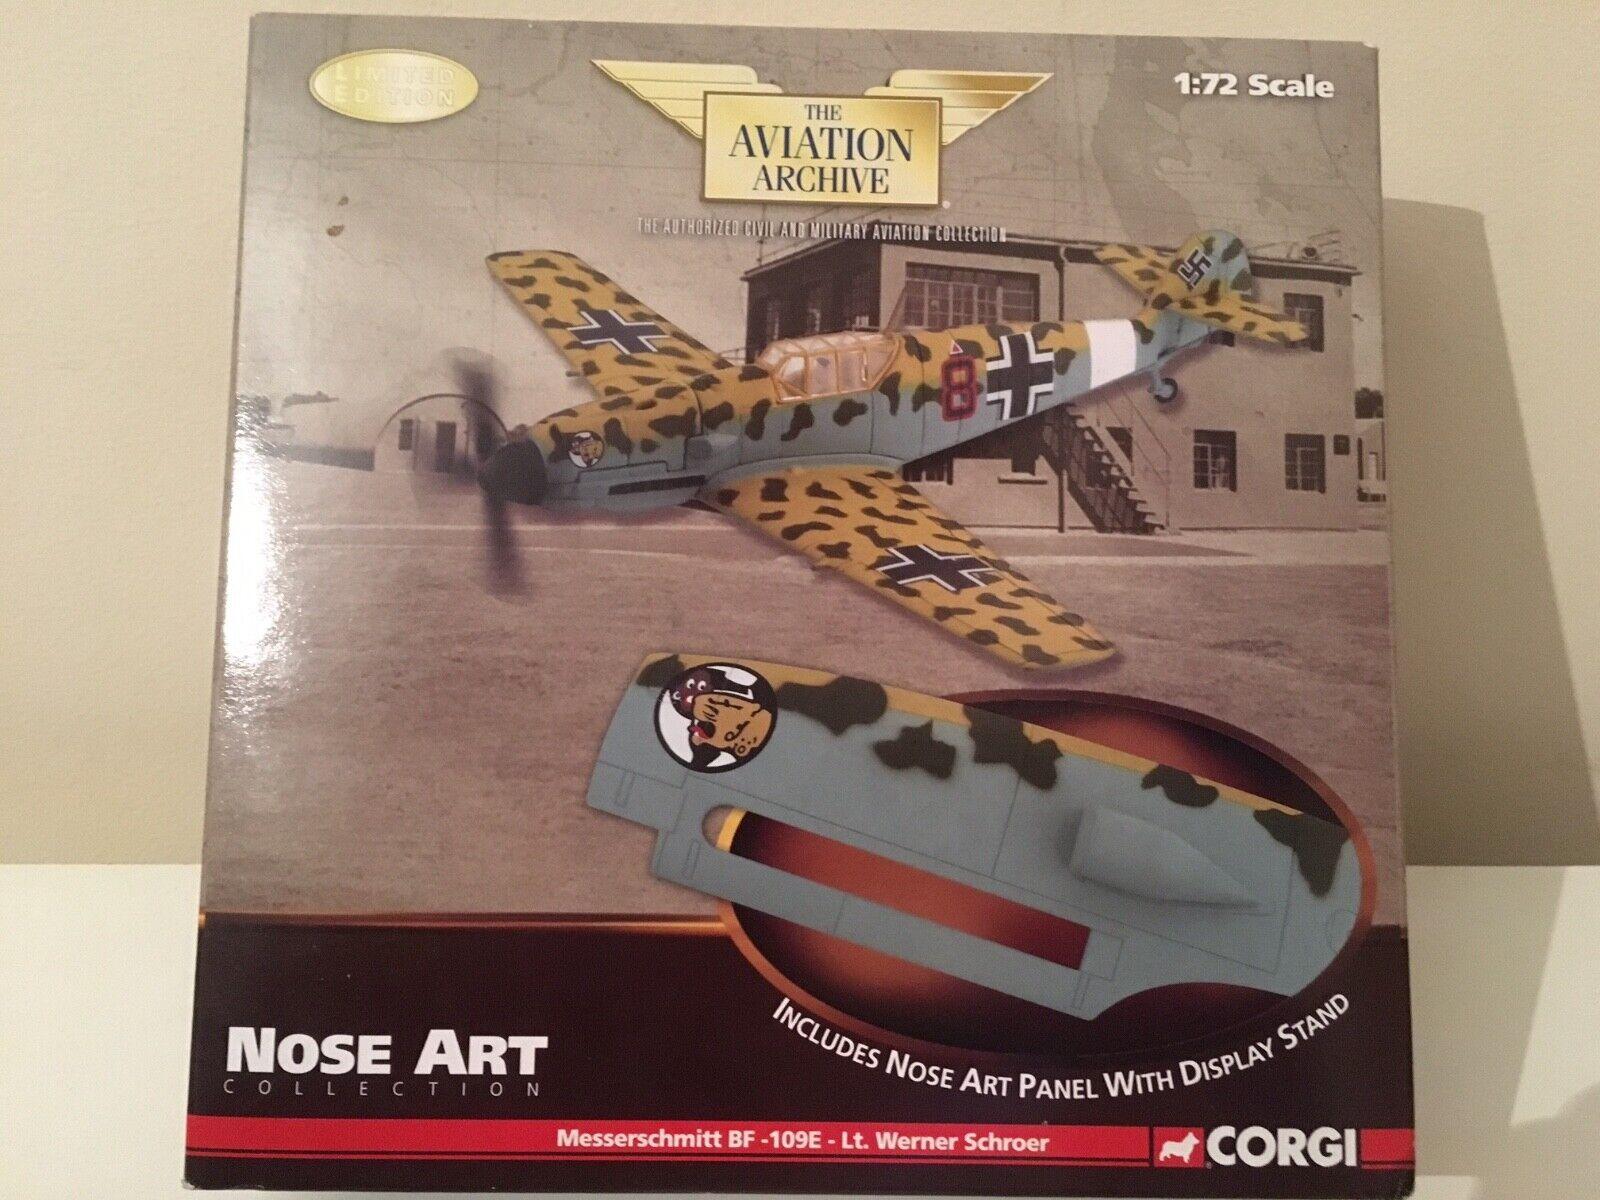 1 72 Corgi US32106 - Messerschmitt BF-109E - NOSE ART - Lt. Werner Schröer